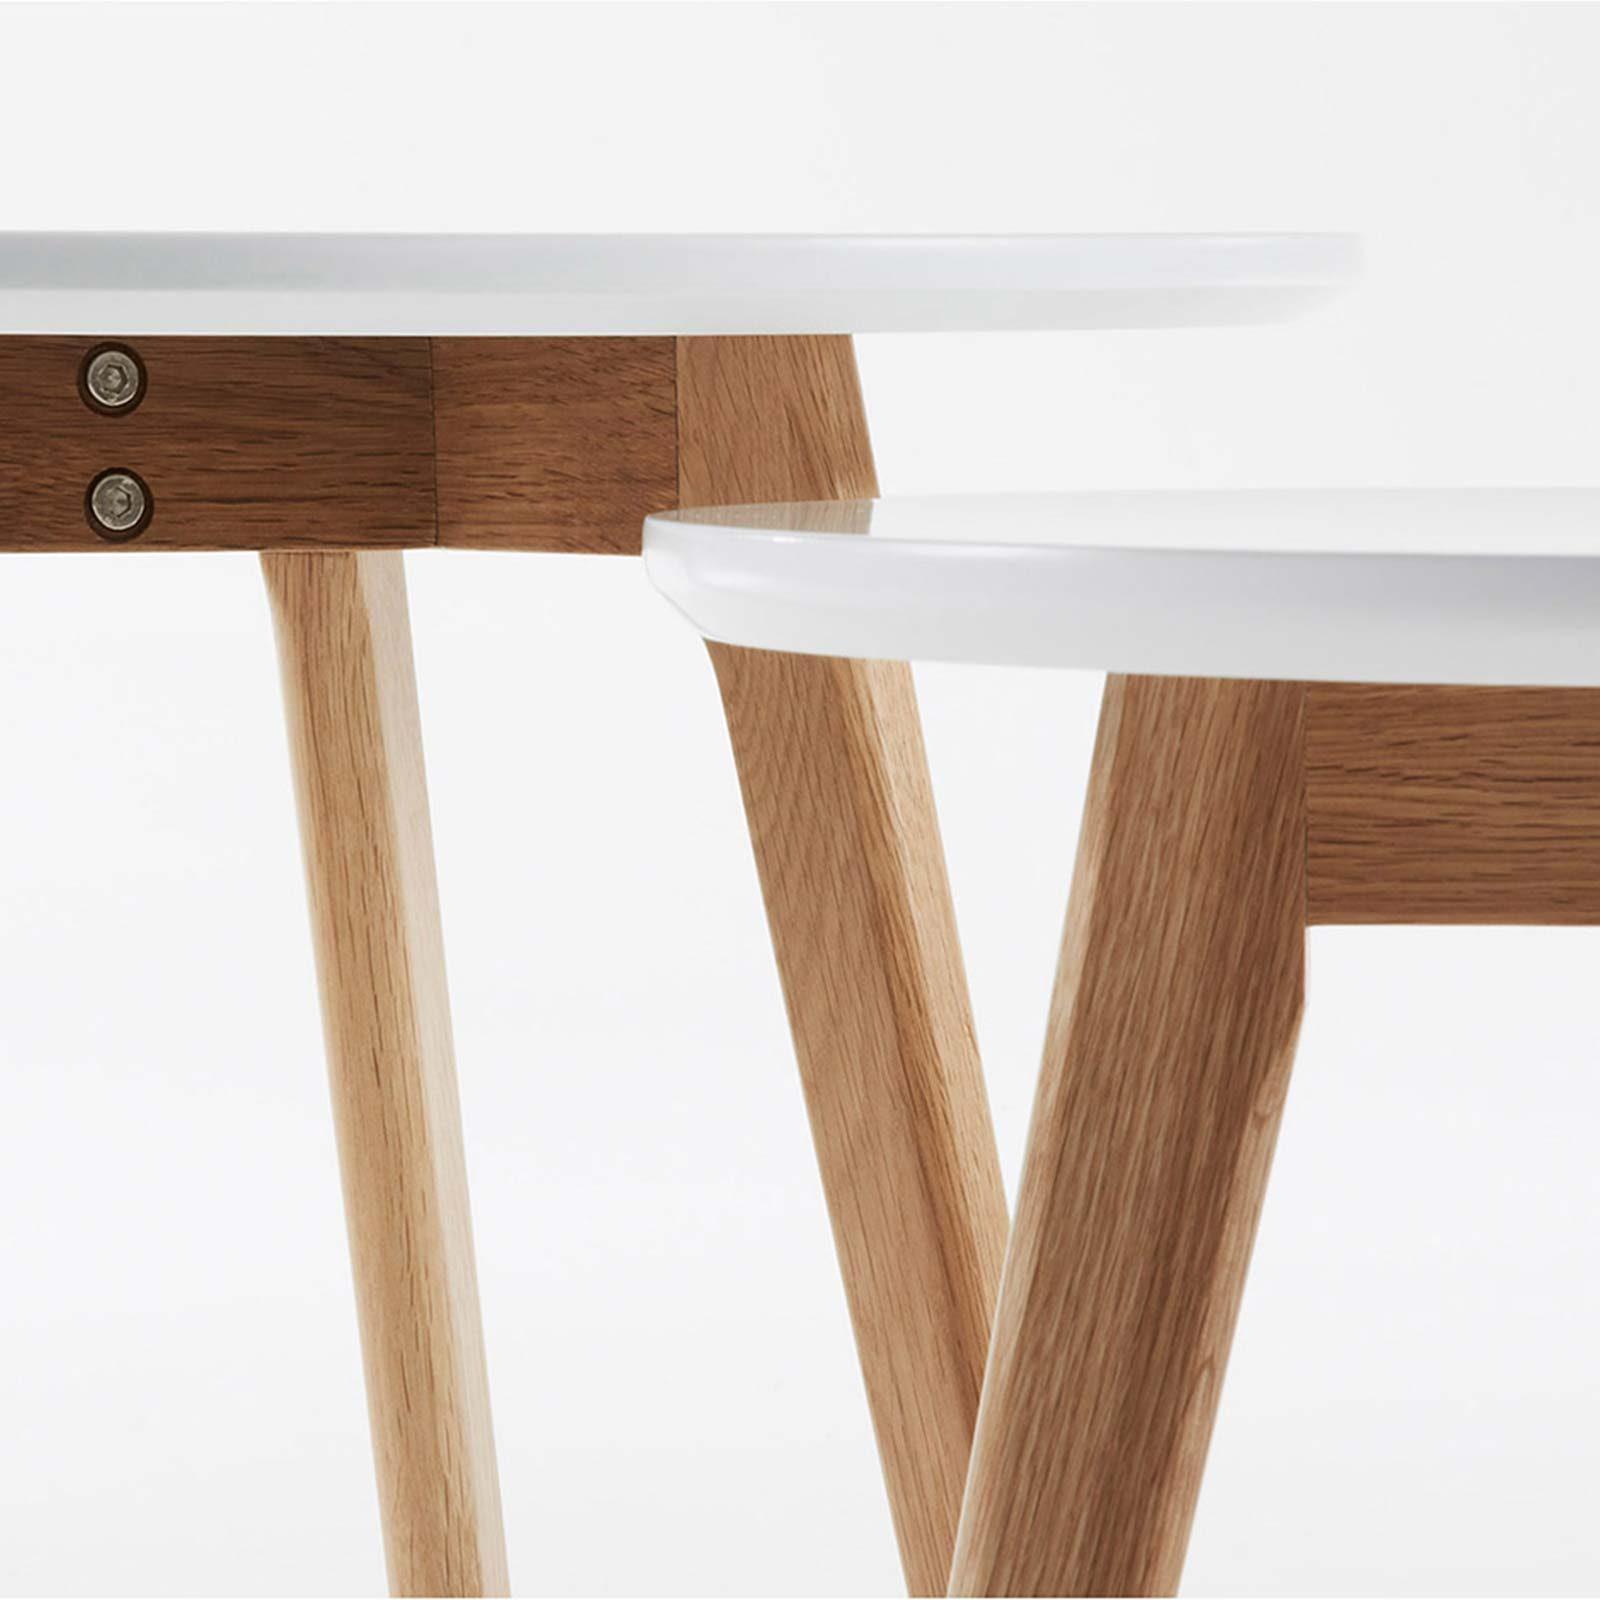 side table Anversa Witt 2M05 AV 2